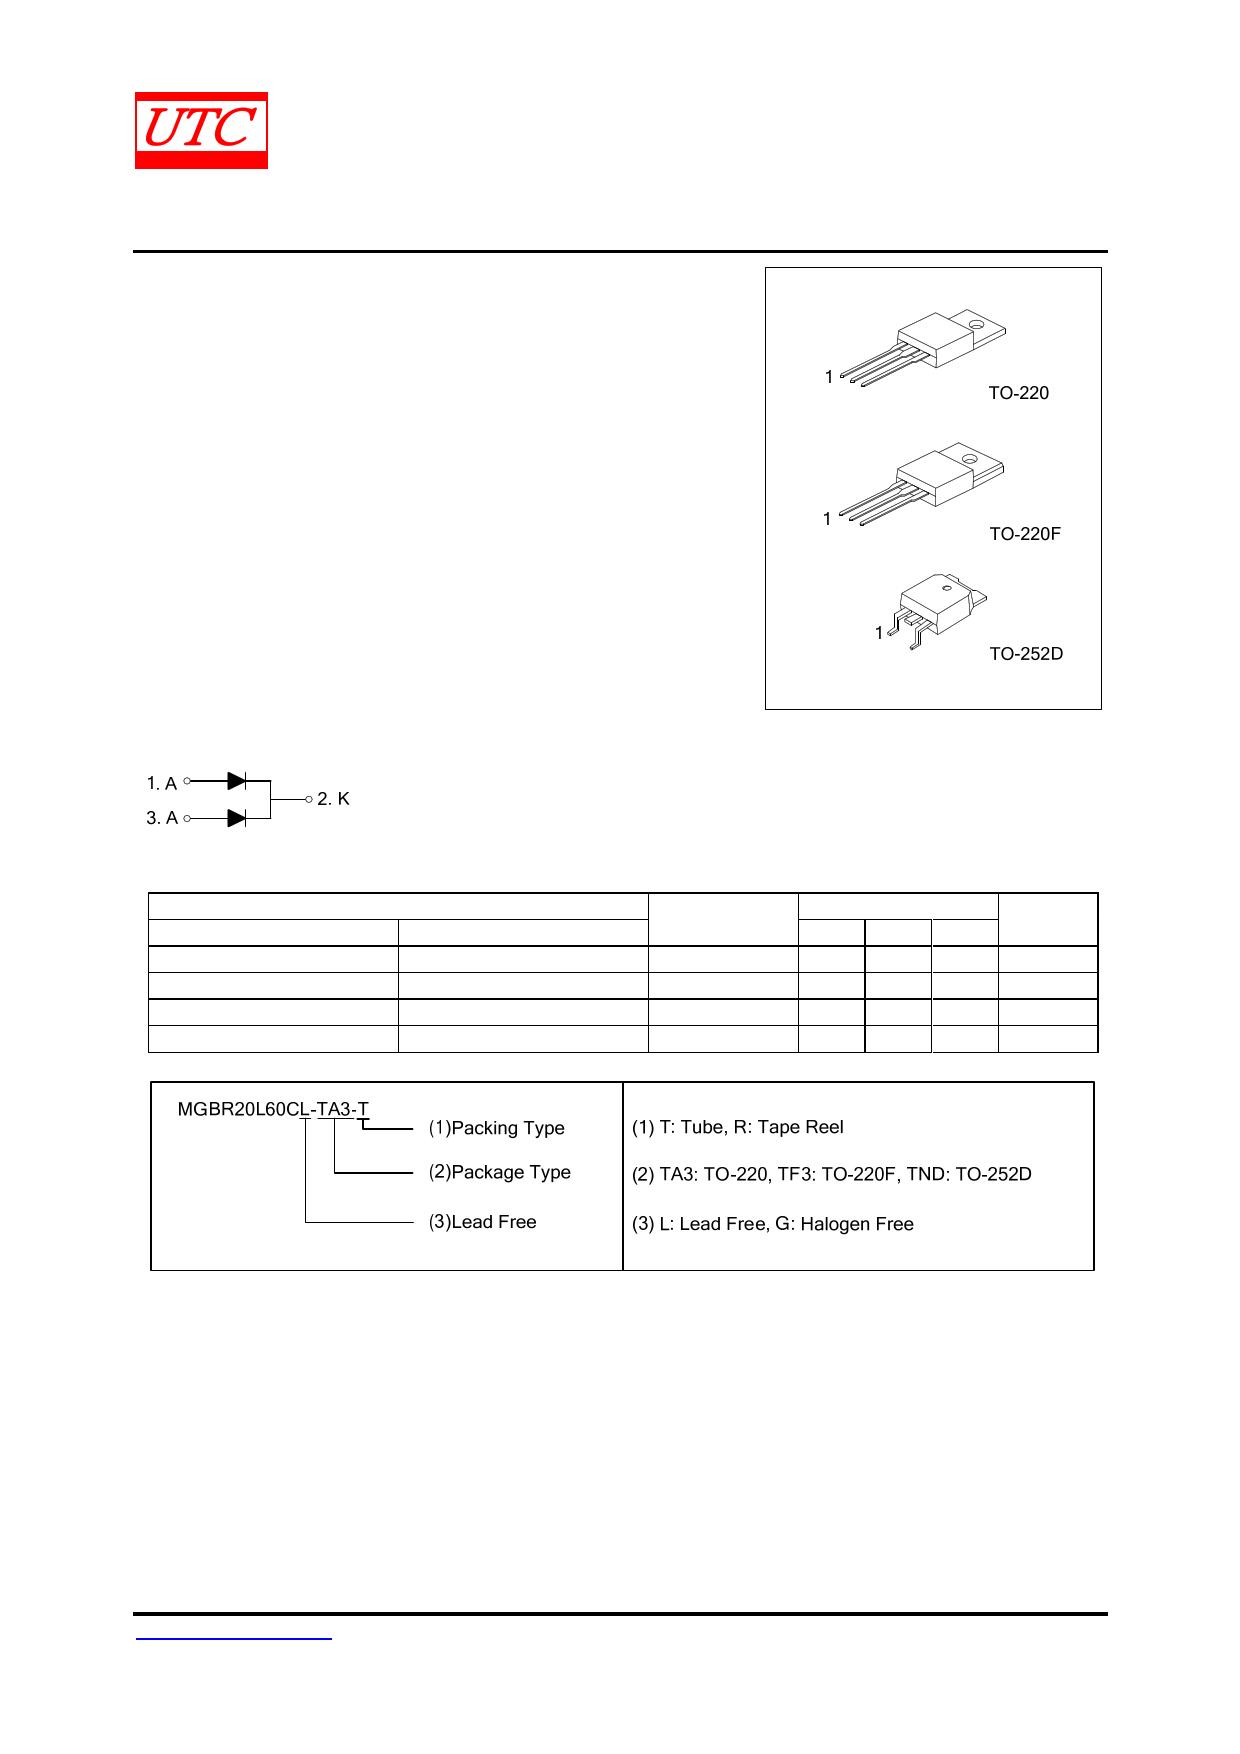 MGBR20L60CL-TND-R 데이터시트 및 MGBR20L60CL-TND-R PDF